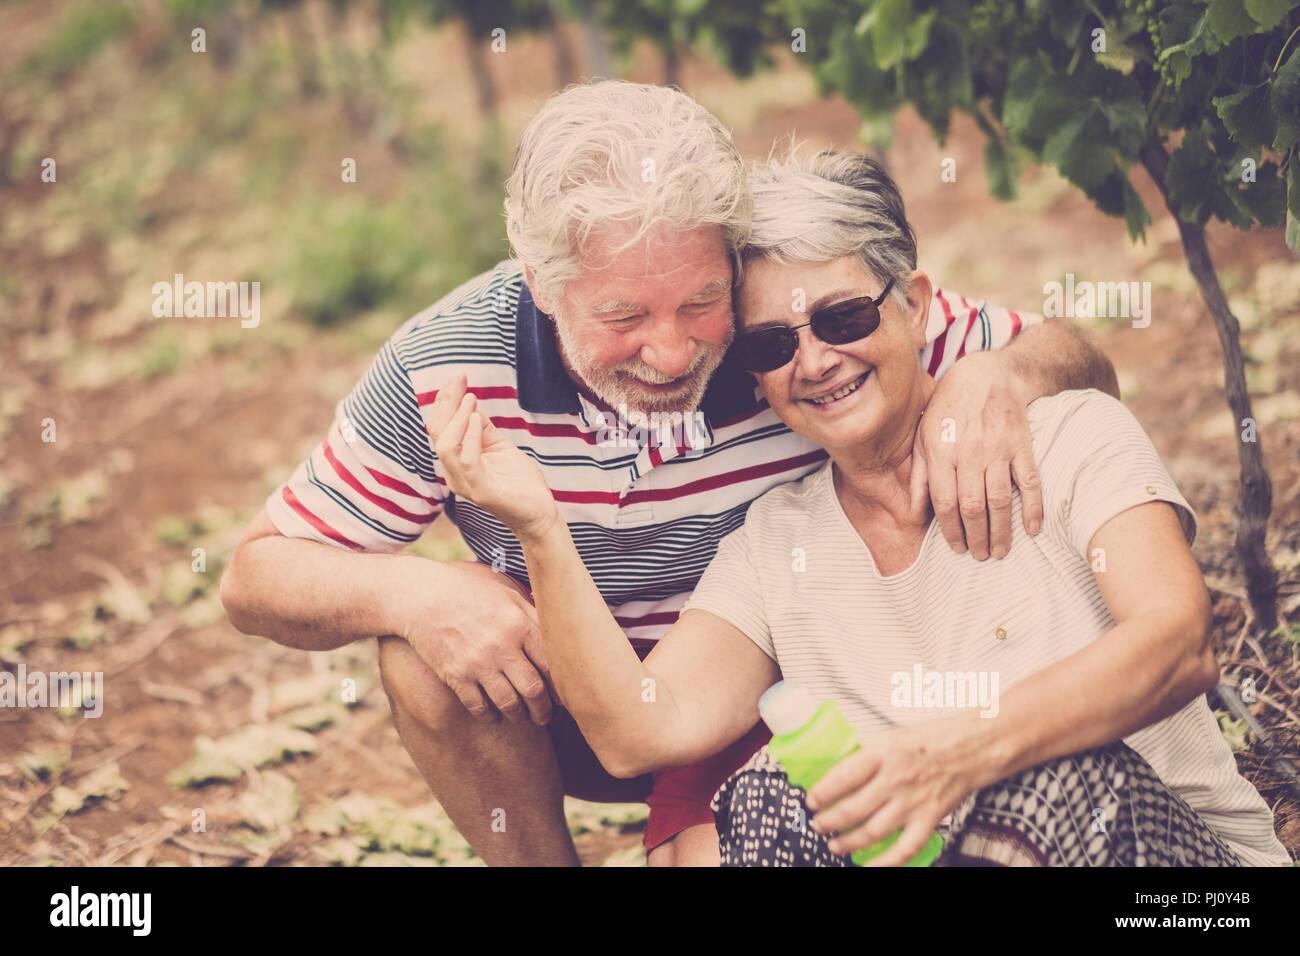 Adulto mayor par reír en happines Together Forever jugando con pompas de jabón en el patio al aire libre actividad concepto y permanecer joven. Imagen De Stock